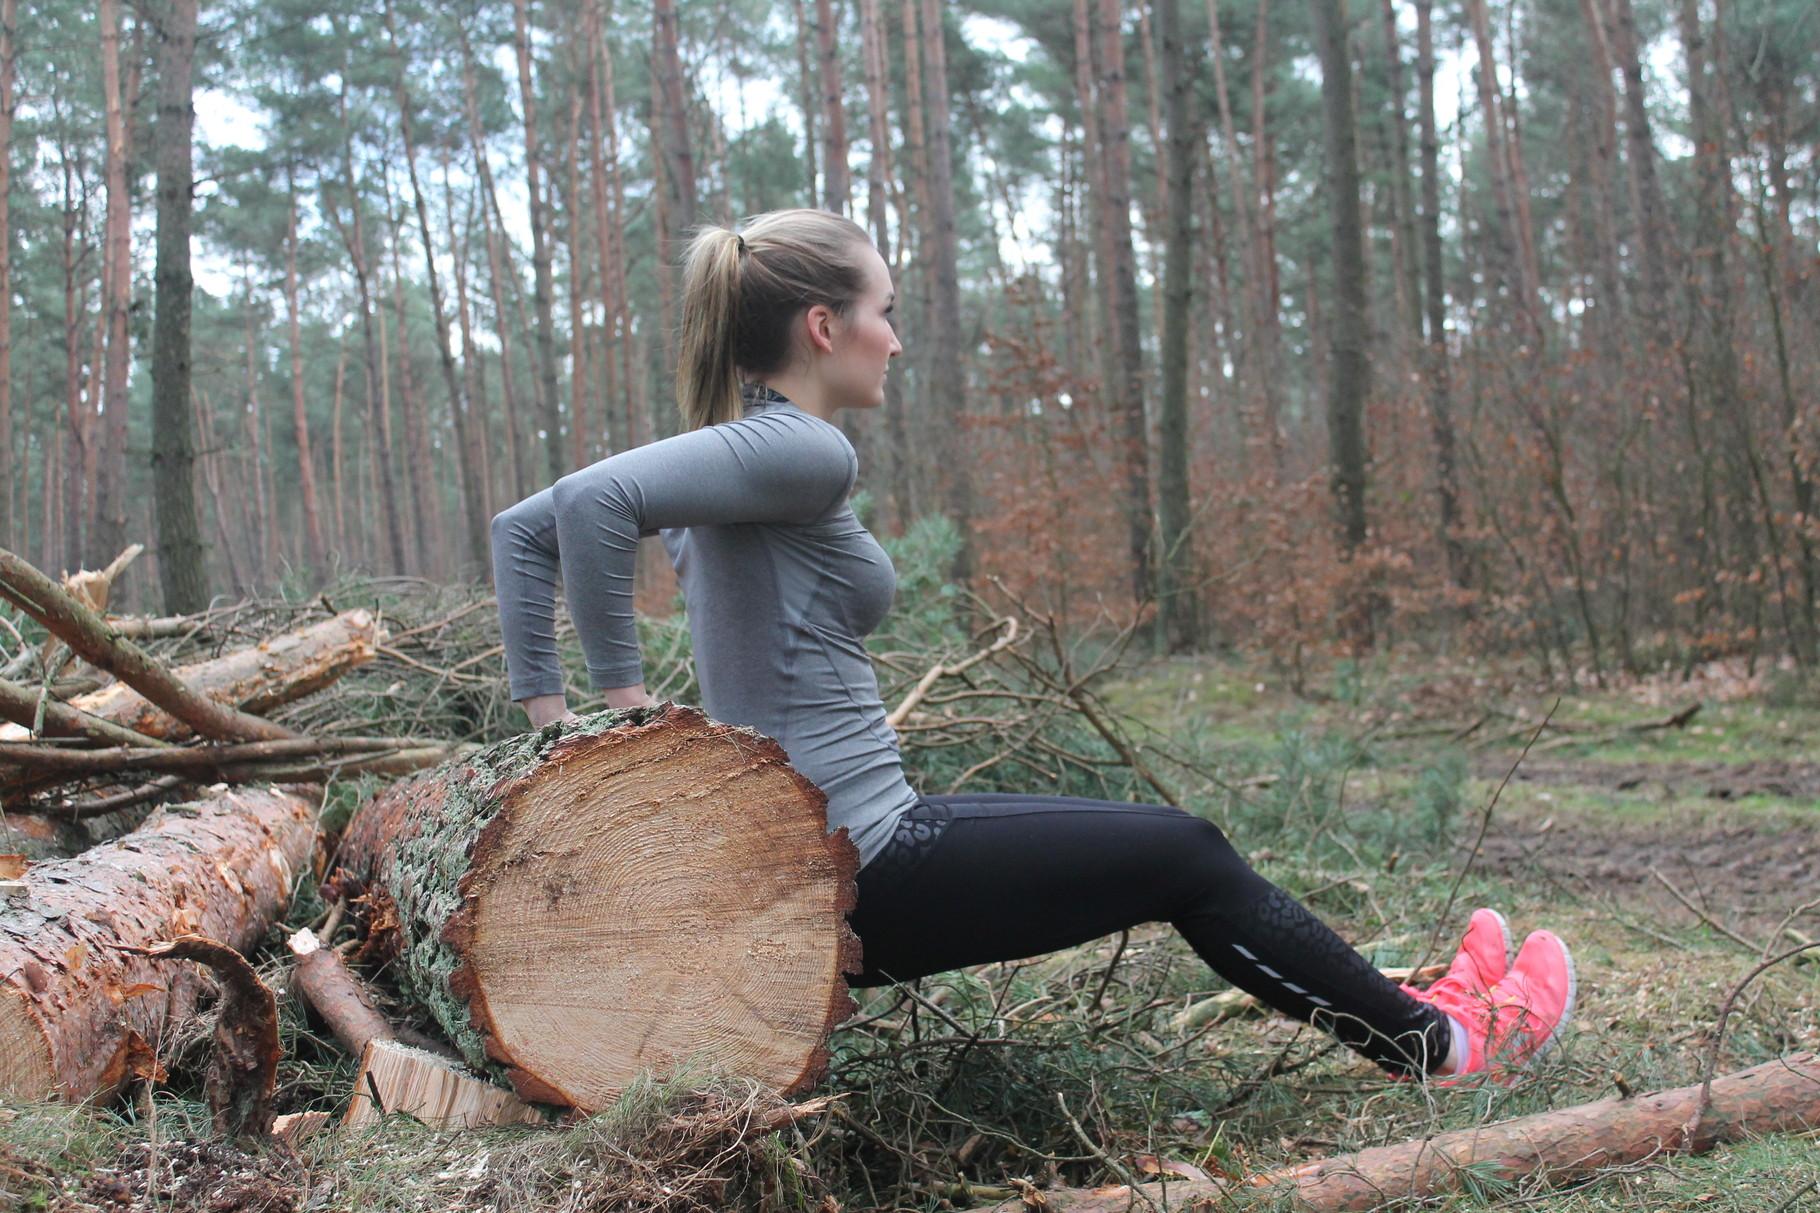 Oder nutze den Baumstamm (Parkbank, etc.), um Dips zu machen.  Aus dieser Position hochdrücken, bis der Arm gestreckt ist, dann wieder beugen bis 90Grad. Beine lang oder ein wenig anwinkeln. Ellenbogen nach hinten führen und mit dem Po dicht an den Stamm.